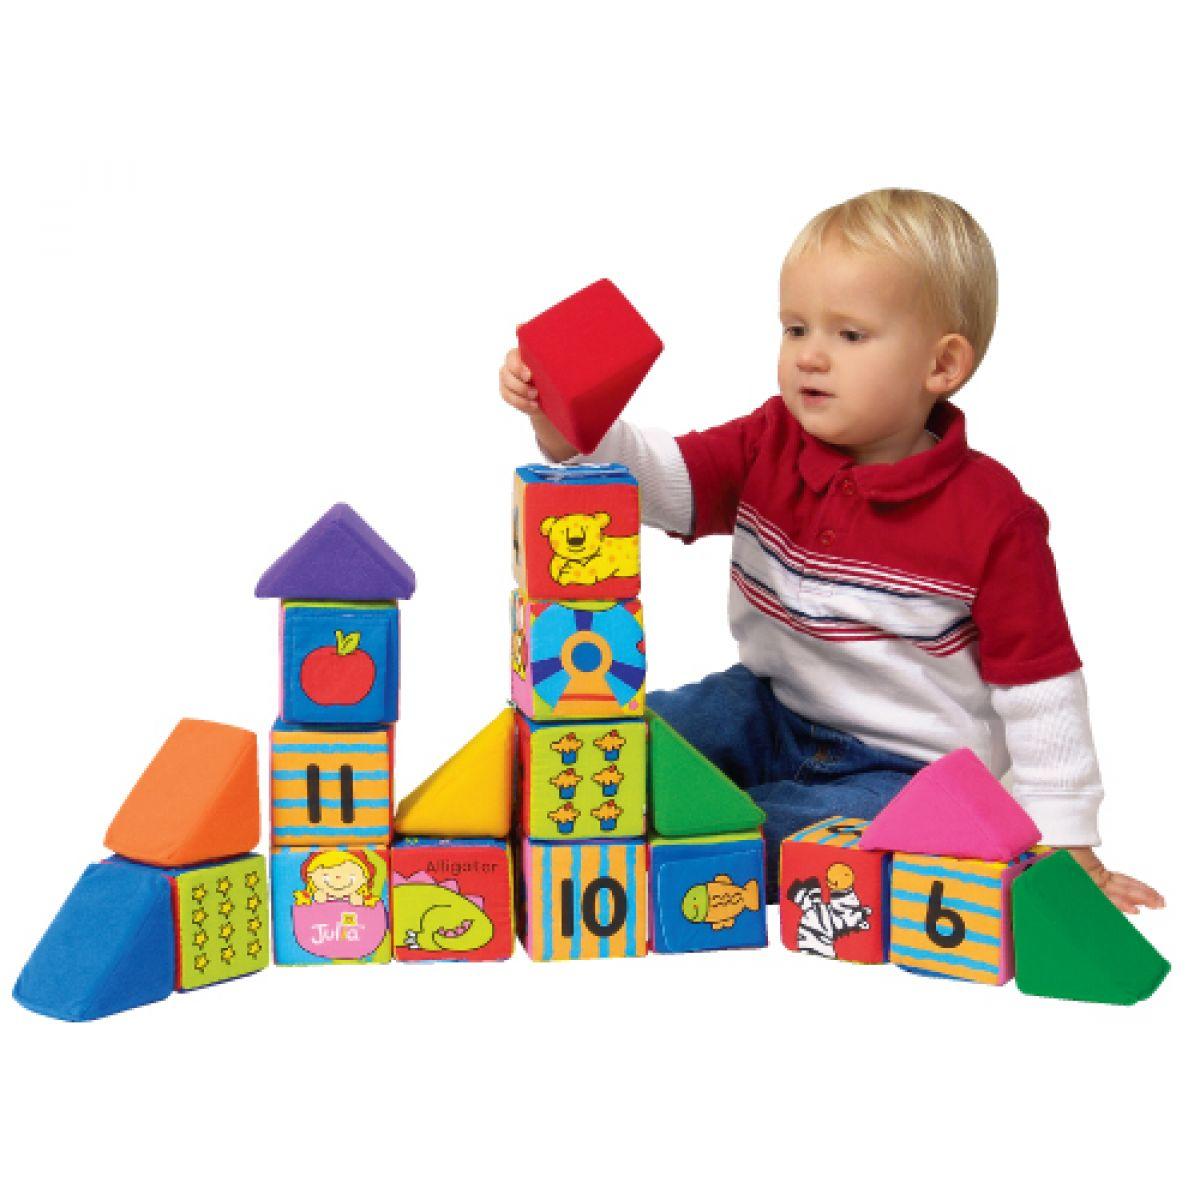 Kids Sada veselých látkových kociek a trojuholníkov